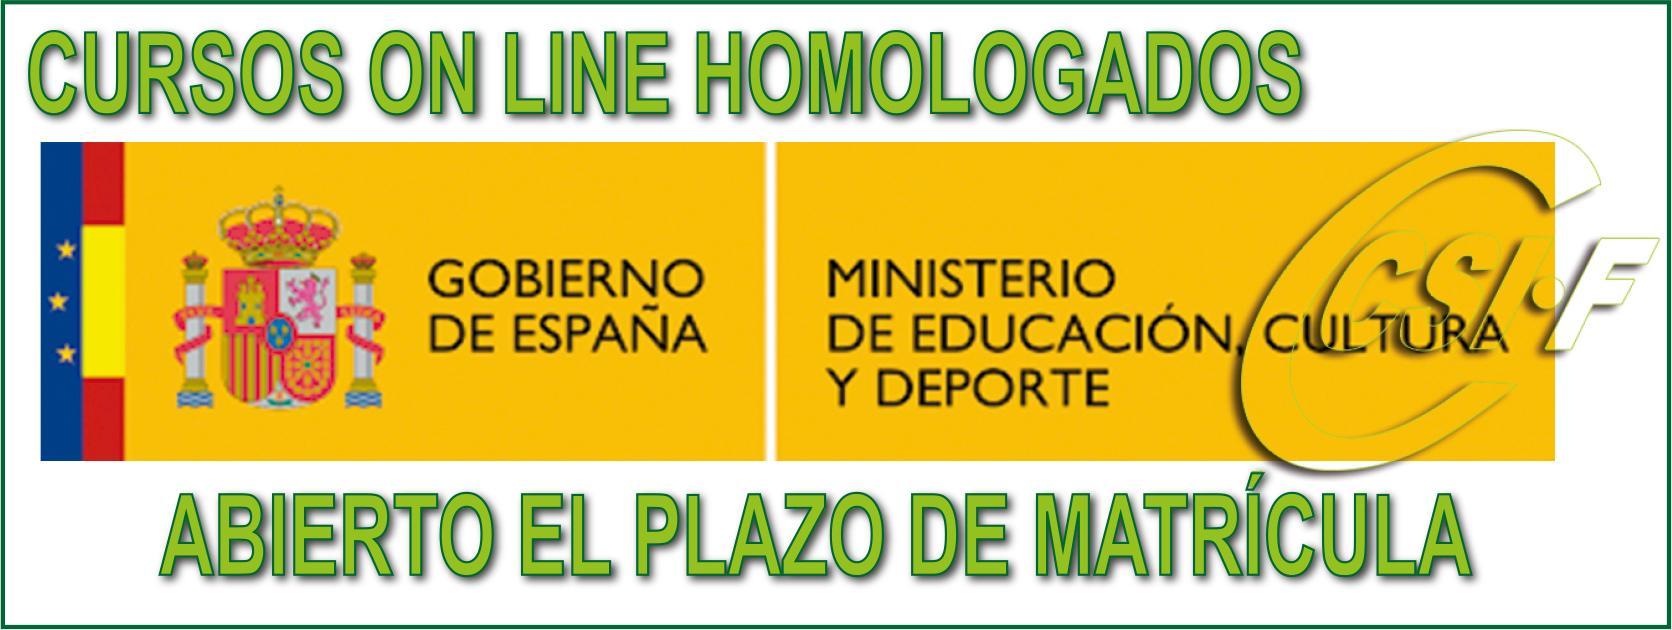 Cursos Homologados por el Ministerio - 2018